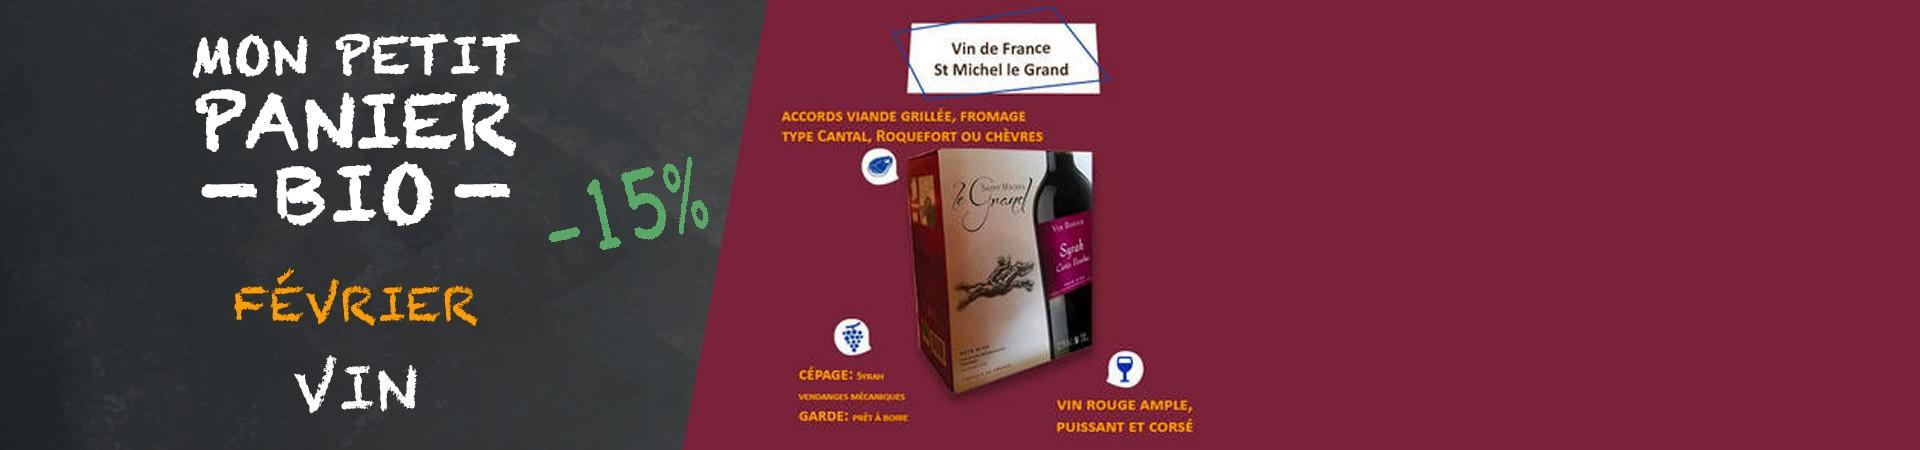 Vin De France St Michel le Grand